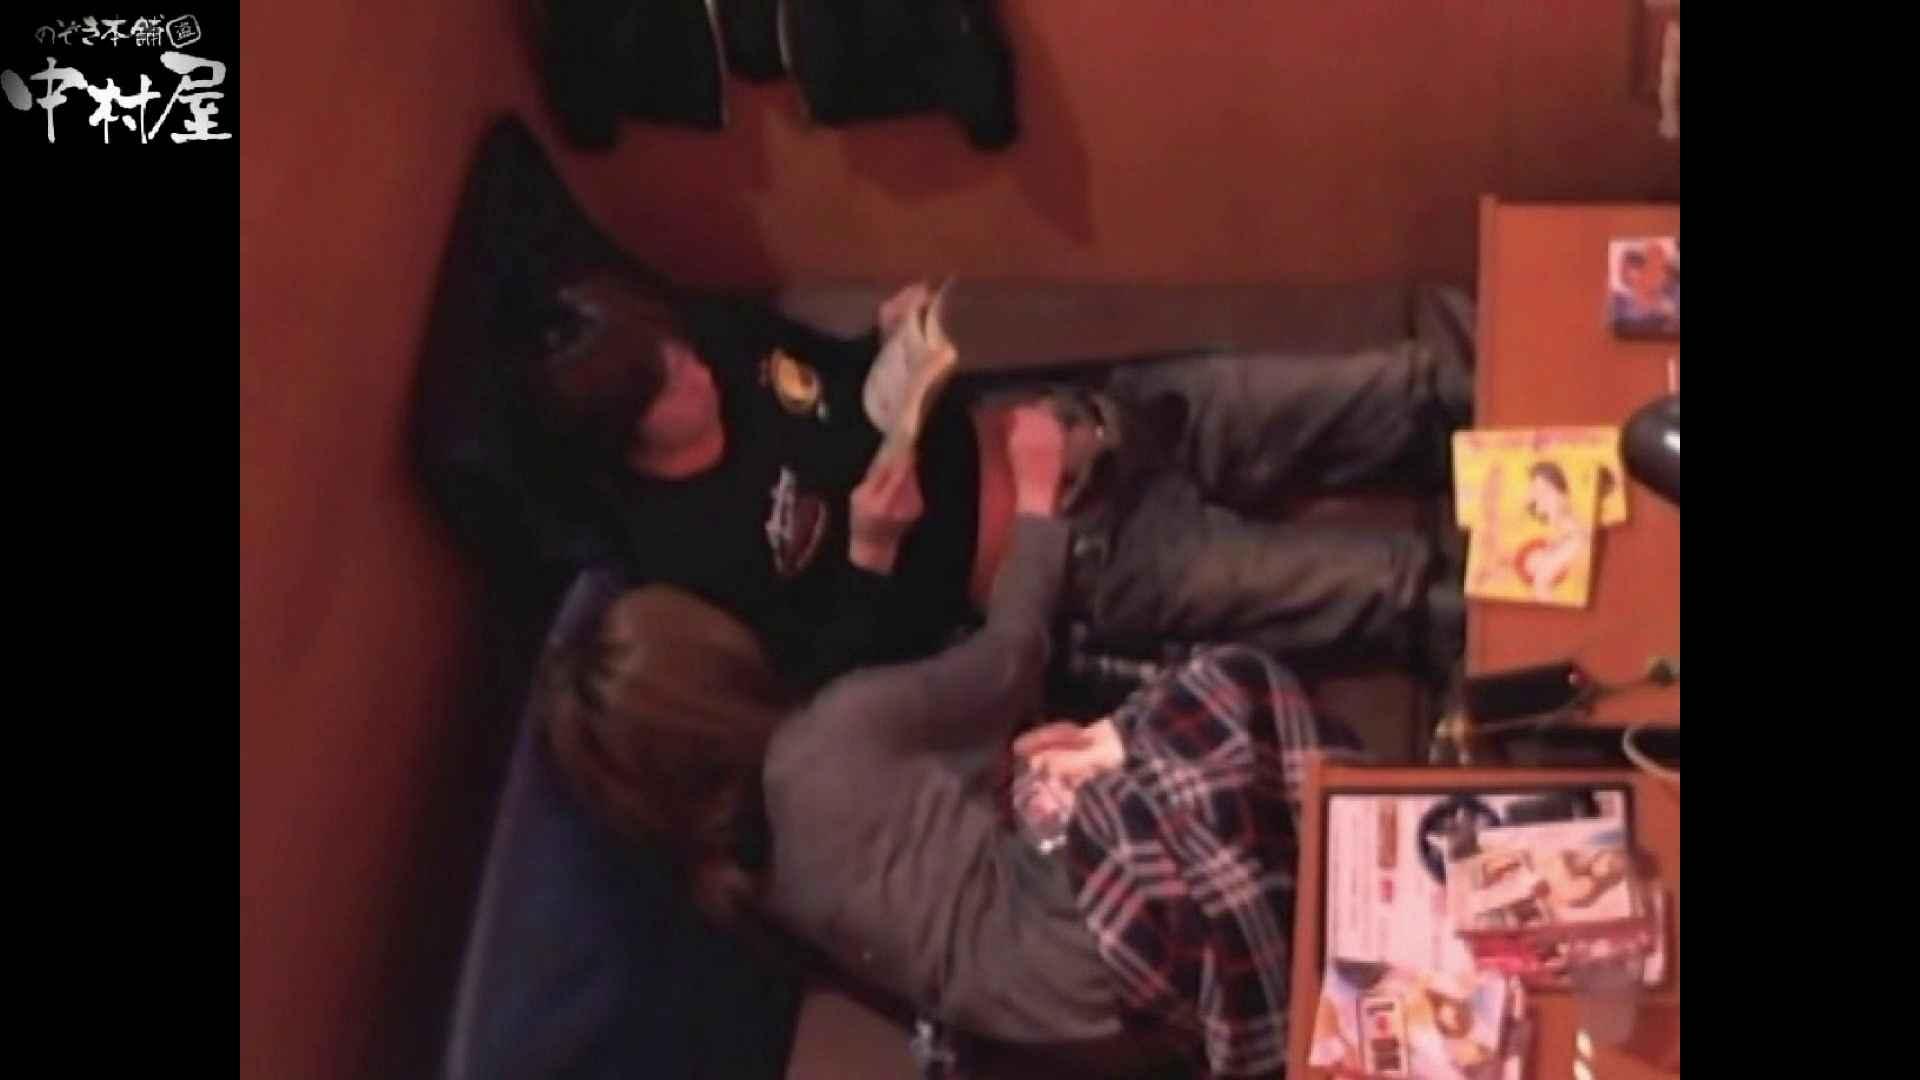 ネットカフェ盗撮師トロントさんの 素人カップル盗撮記vol.2 下半身 セックス画像 100pic 30